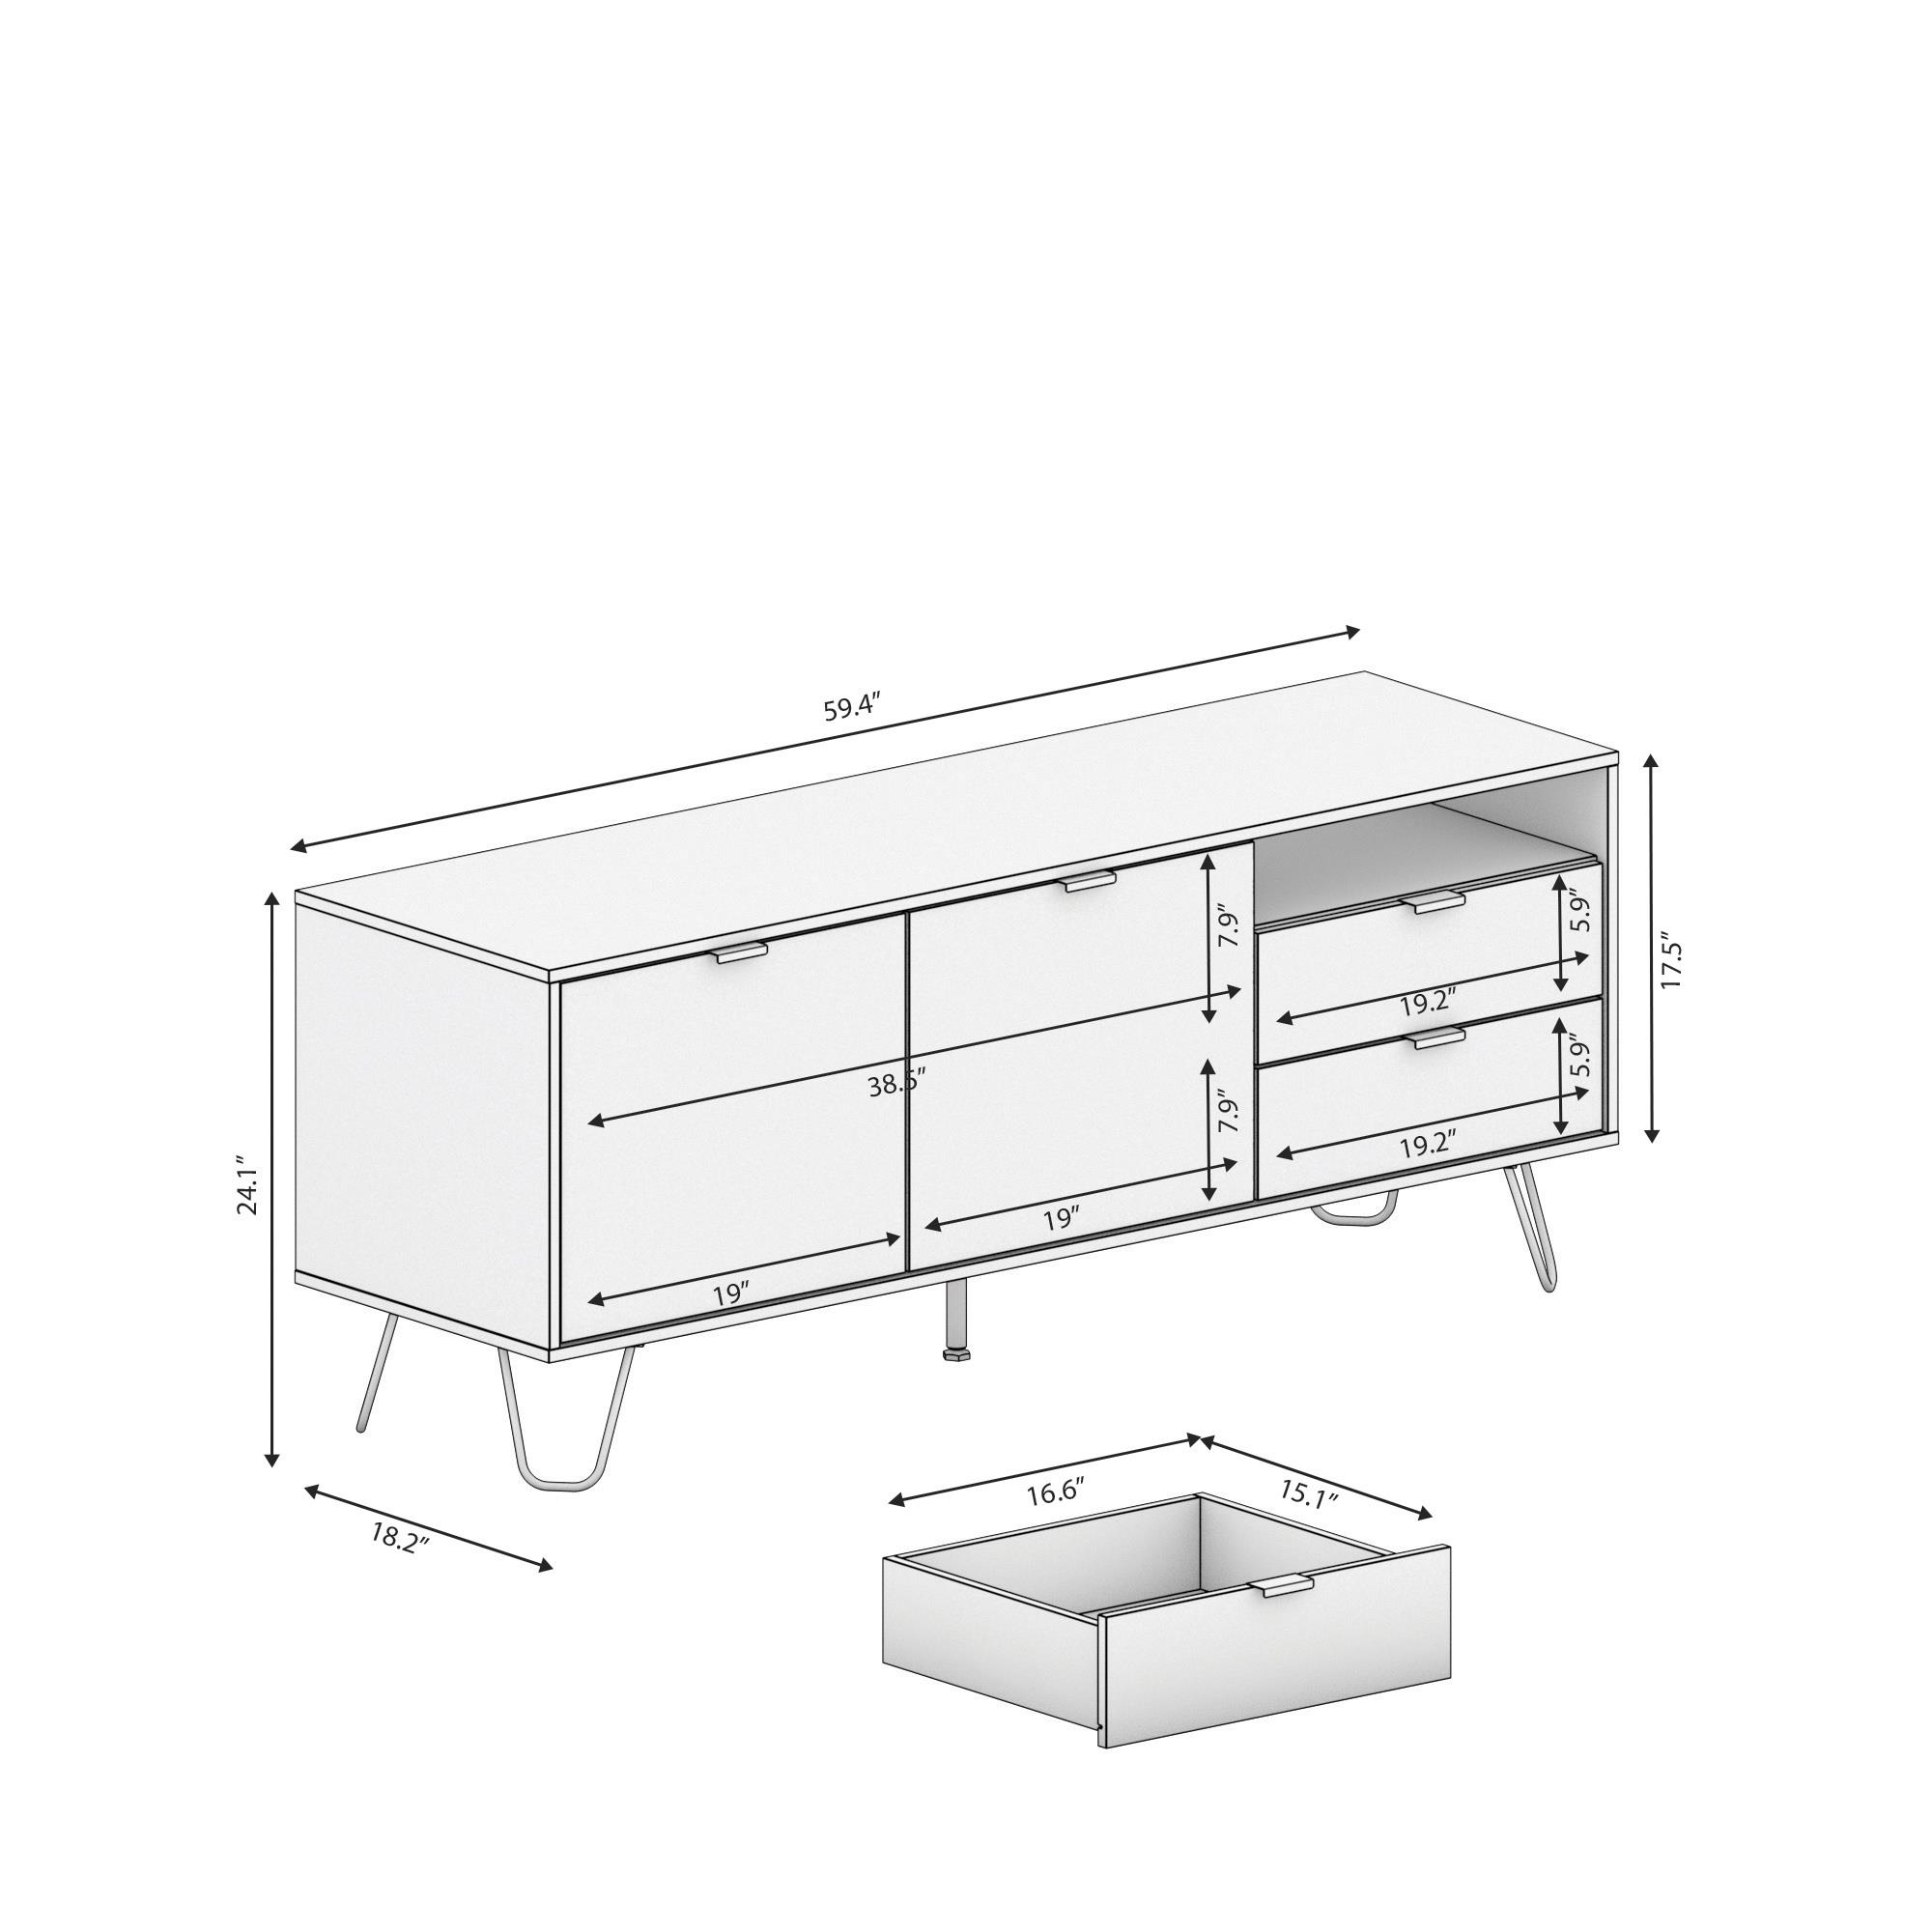 prodcor_5706_EU008-EBPR1_EU008-EBPR1-10.jpg